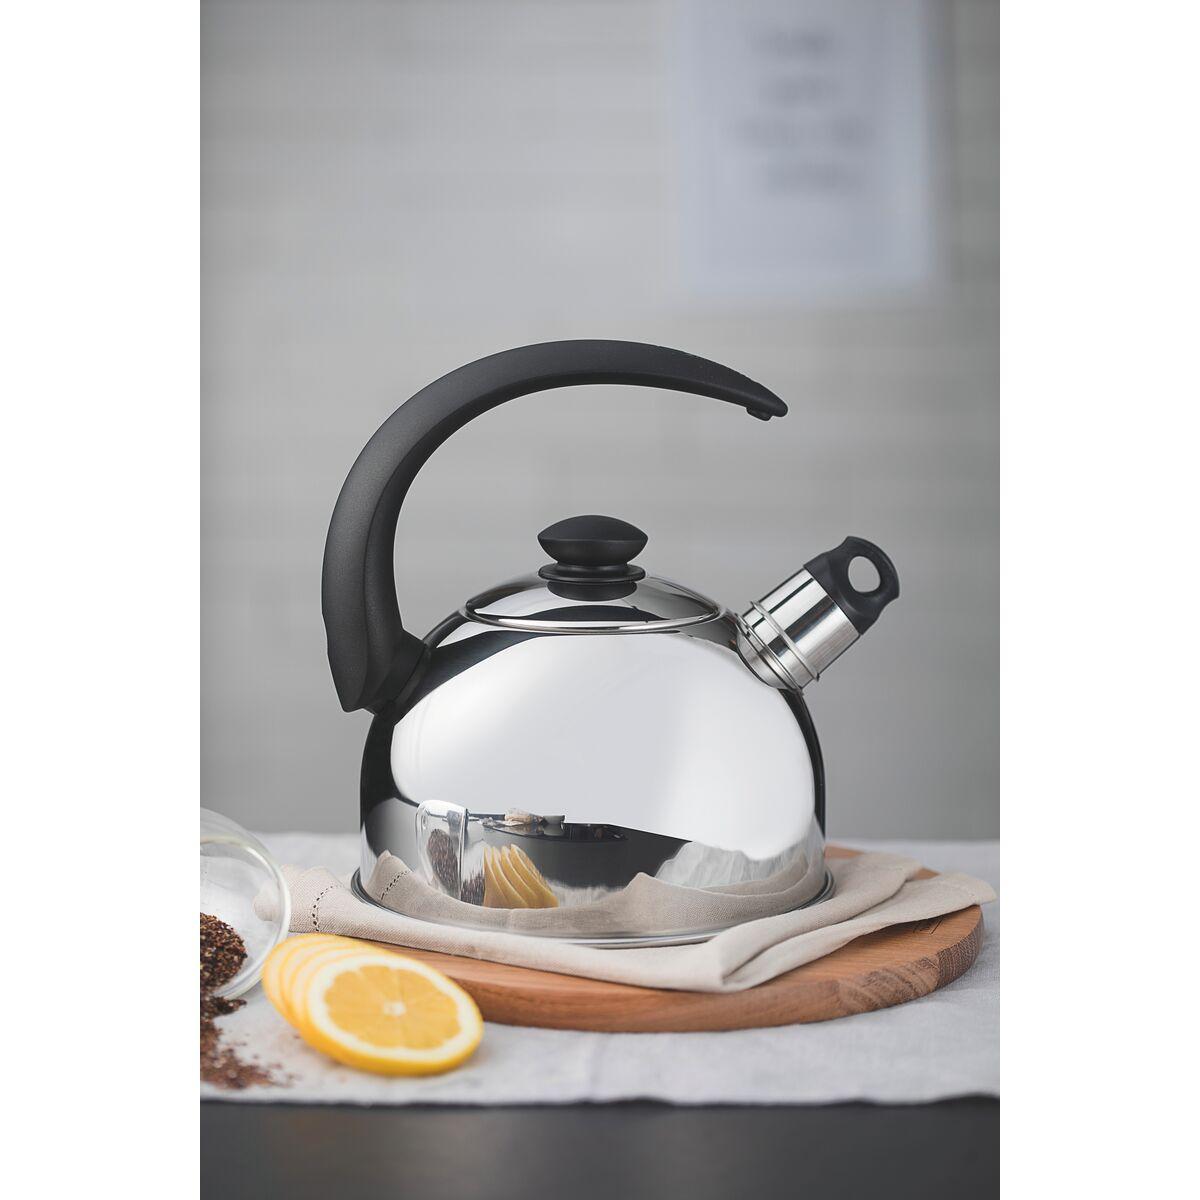 2 l inducci/ón N//Y Tetera con Silbato de Acero Inoxidable para Estufa con Mango Resistente al Calor Rosa aplicable a Gas el/éctrica